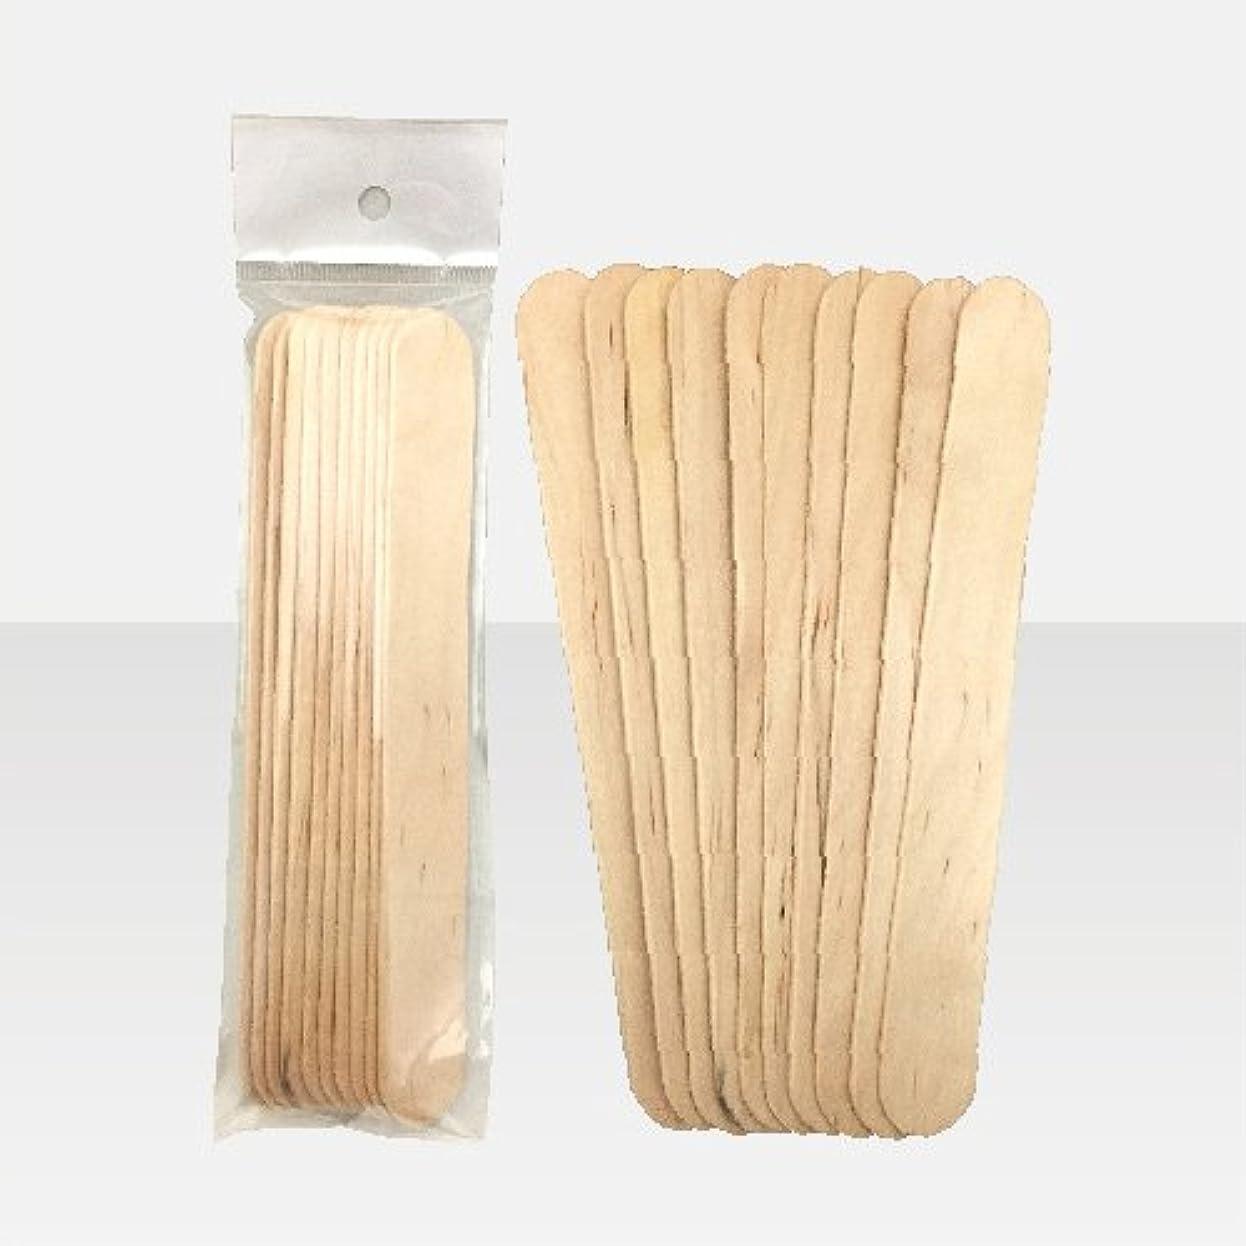 軽蔑会議イデオロギーブラジリアンワックス 脱毛ワックス用  ワックススパチュラ 木ベラ /10本セット Mサイズ